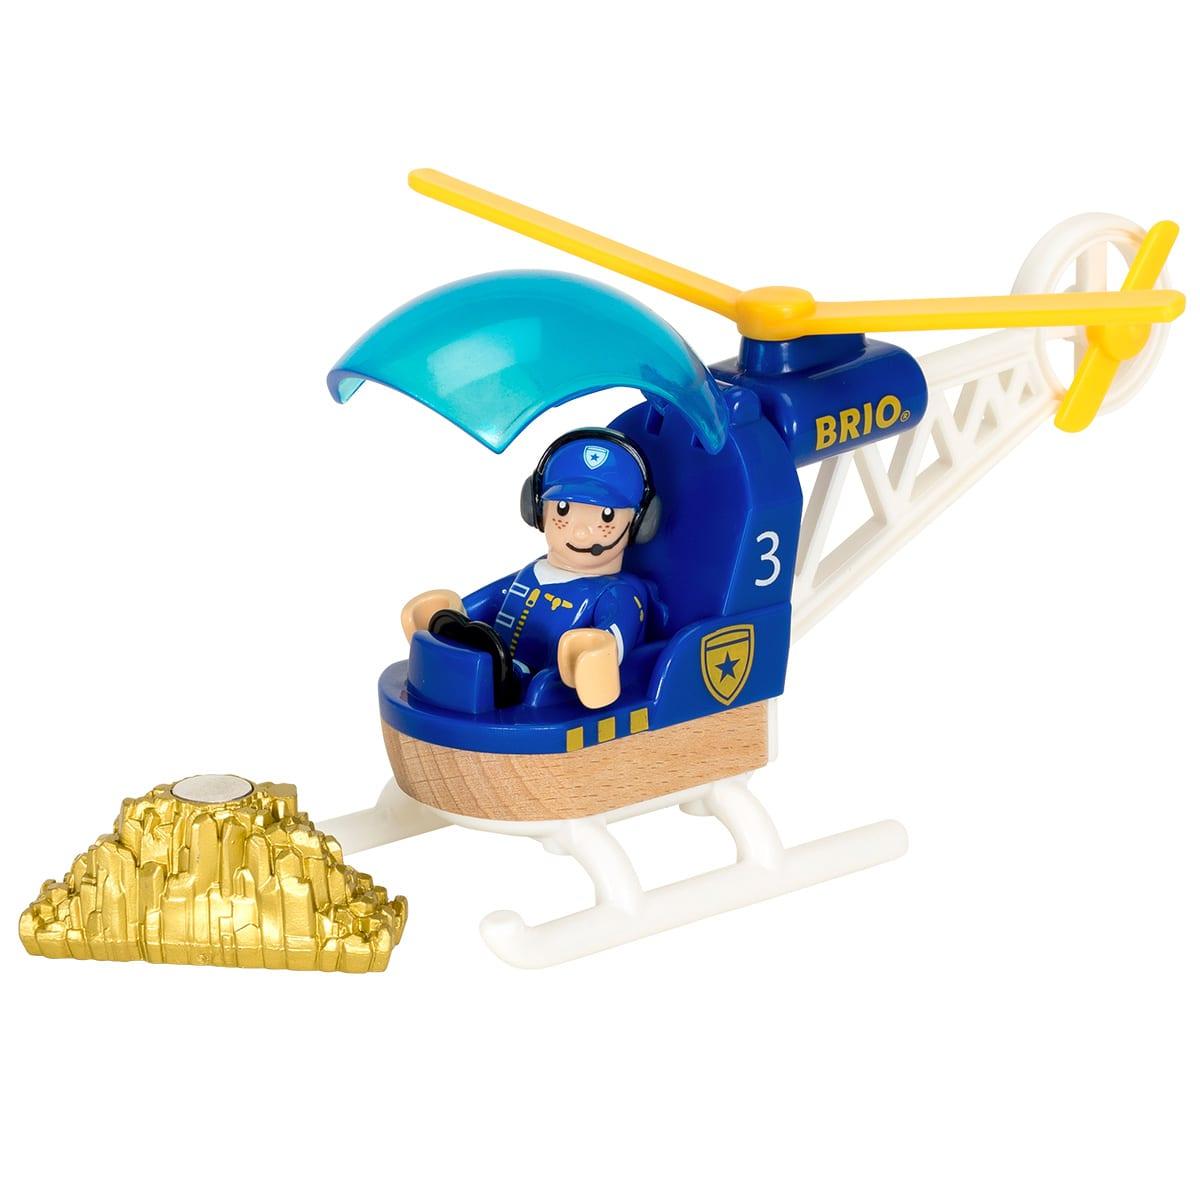 Flyv den stjålne guldlast i sikkerhed